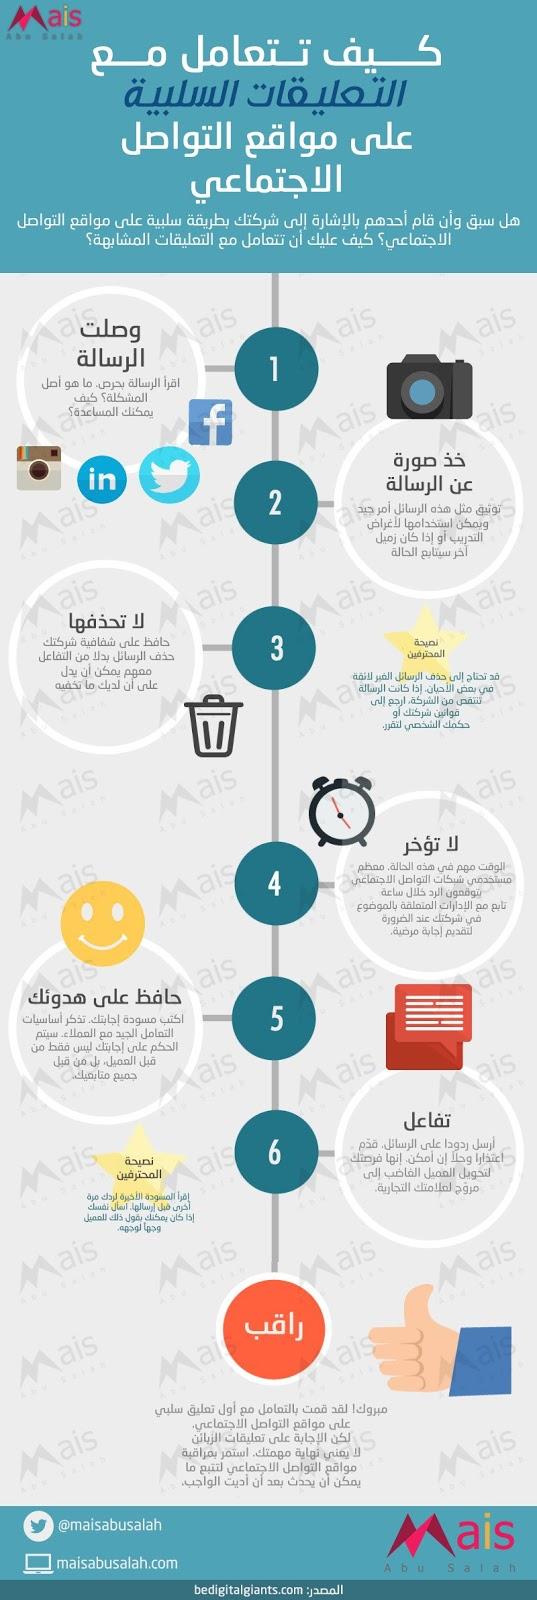 كيف تتعامل مع التعليقات السلبية على منصات التواصل الاجتماعي #انفوجرافيك